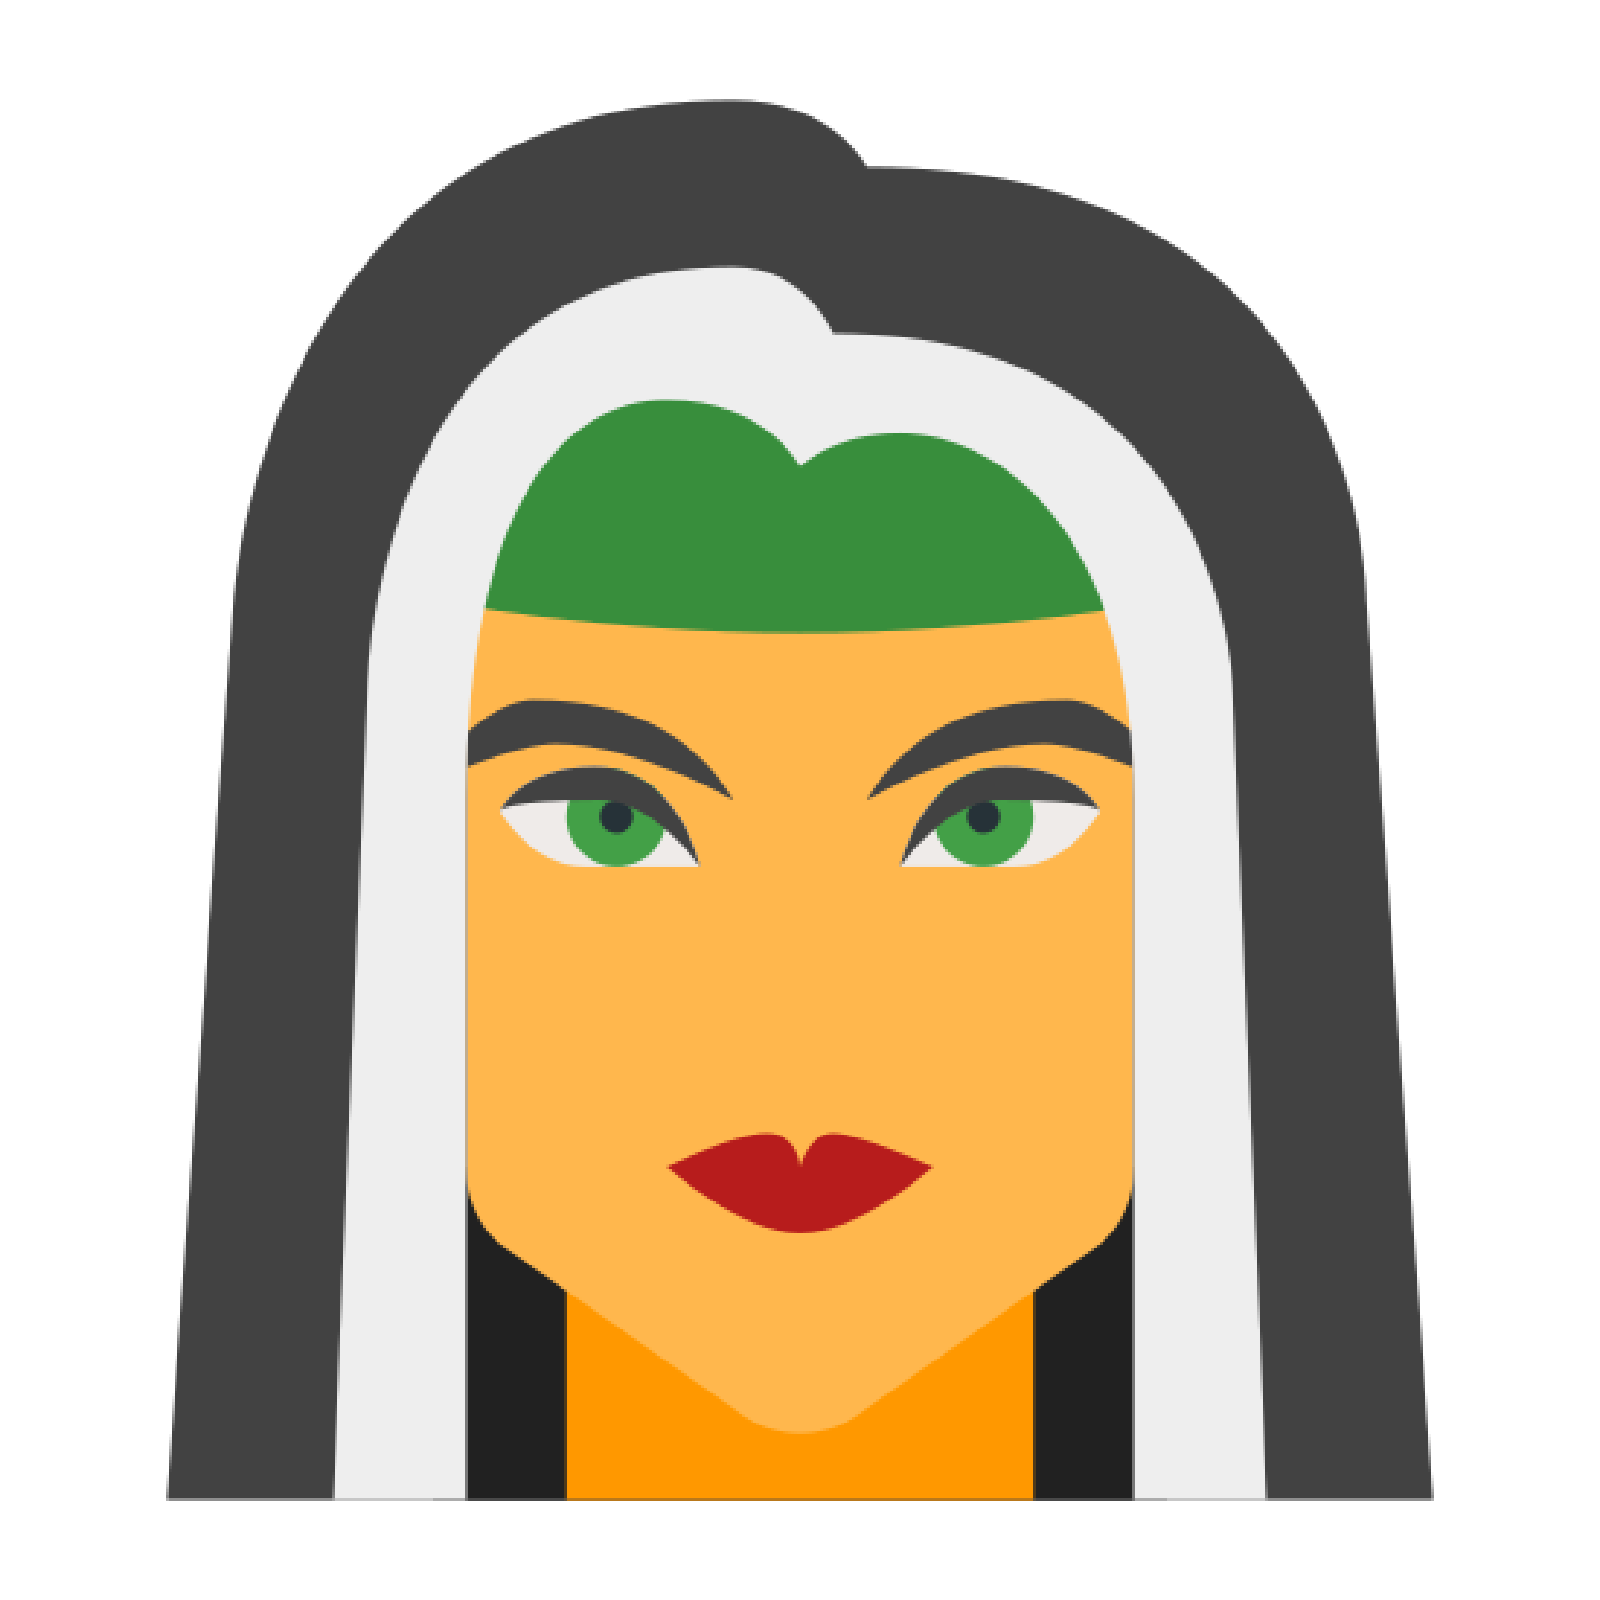 Rogue icon